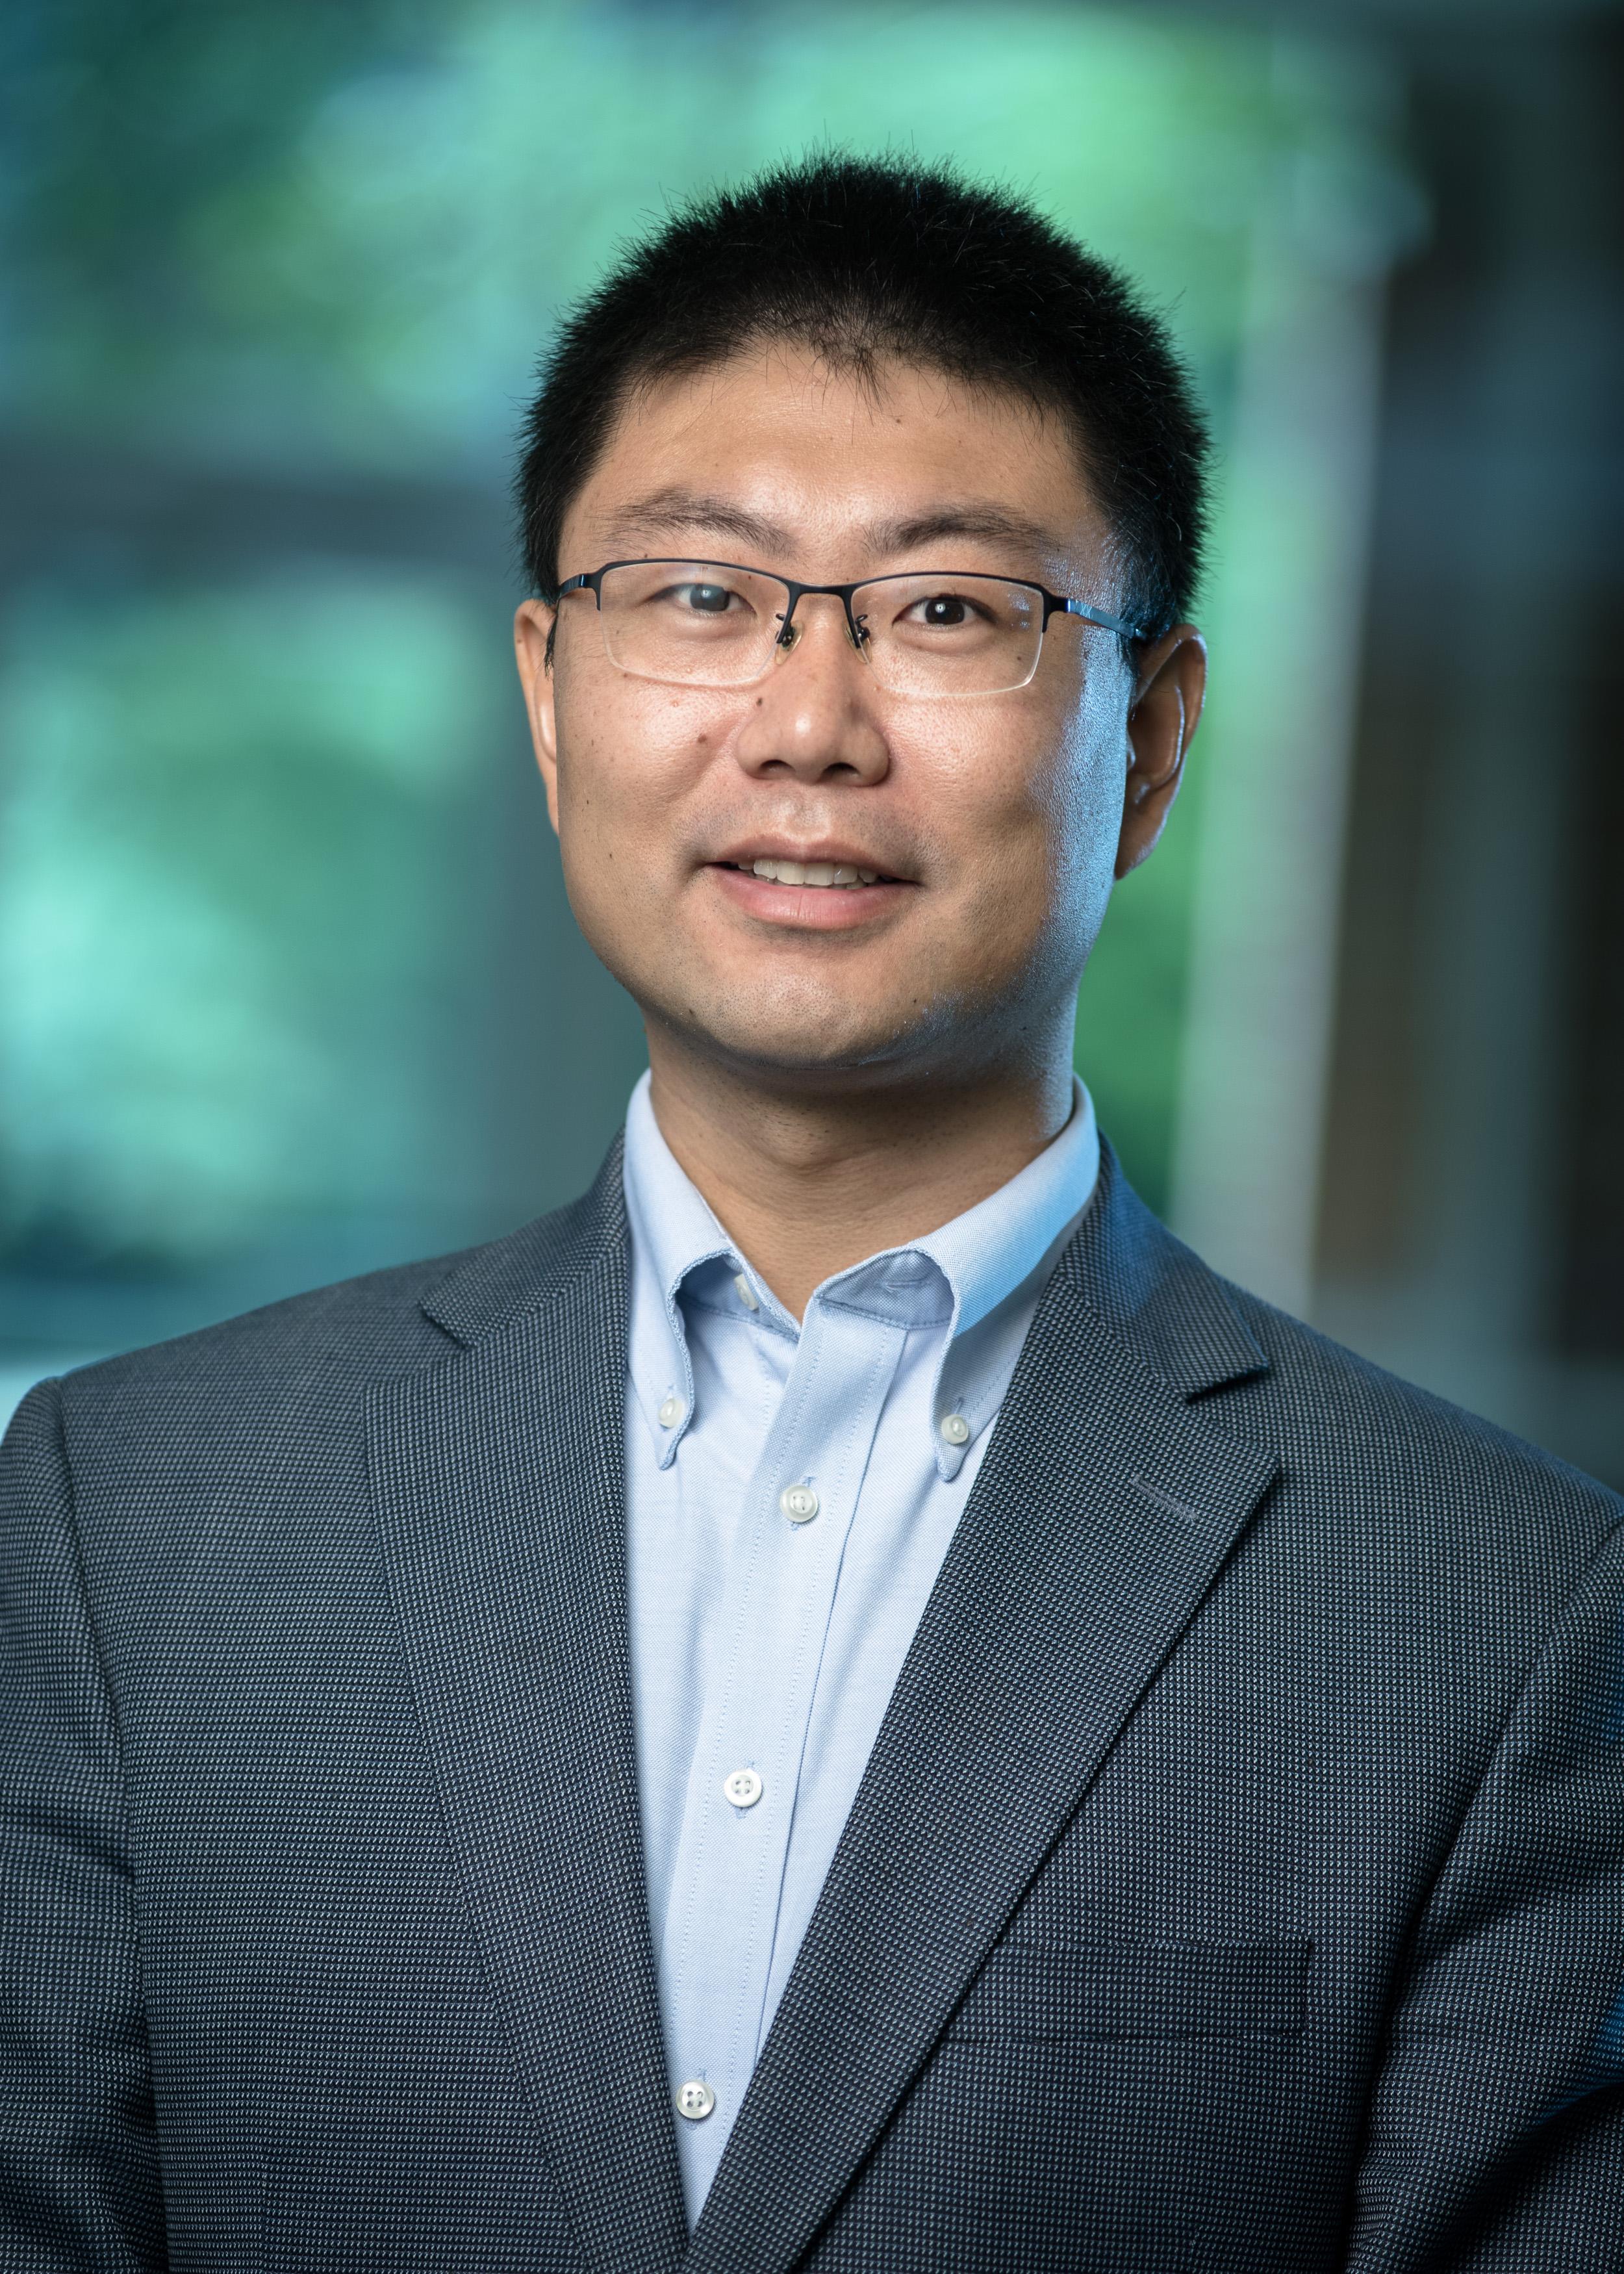 Xinchun Wang